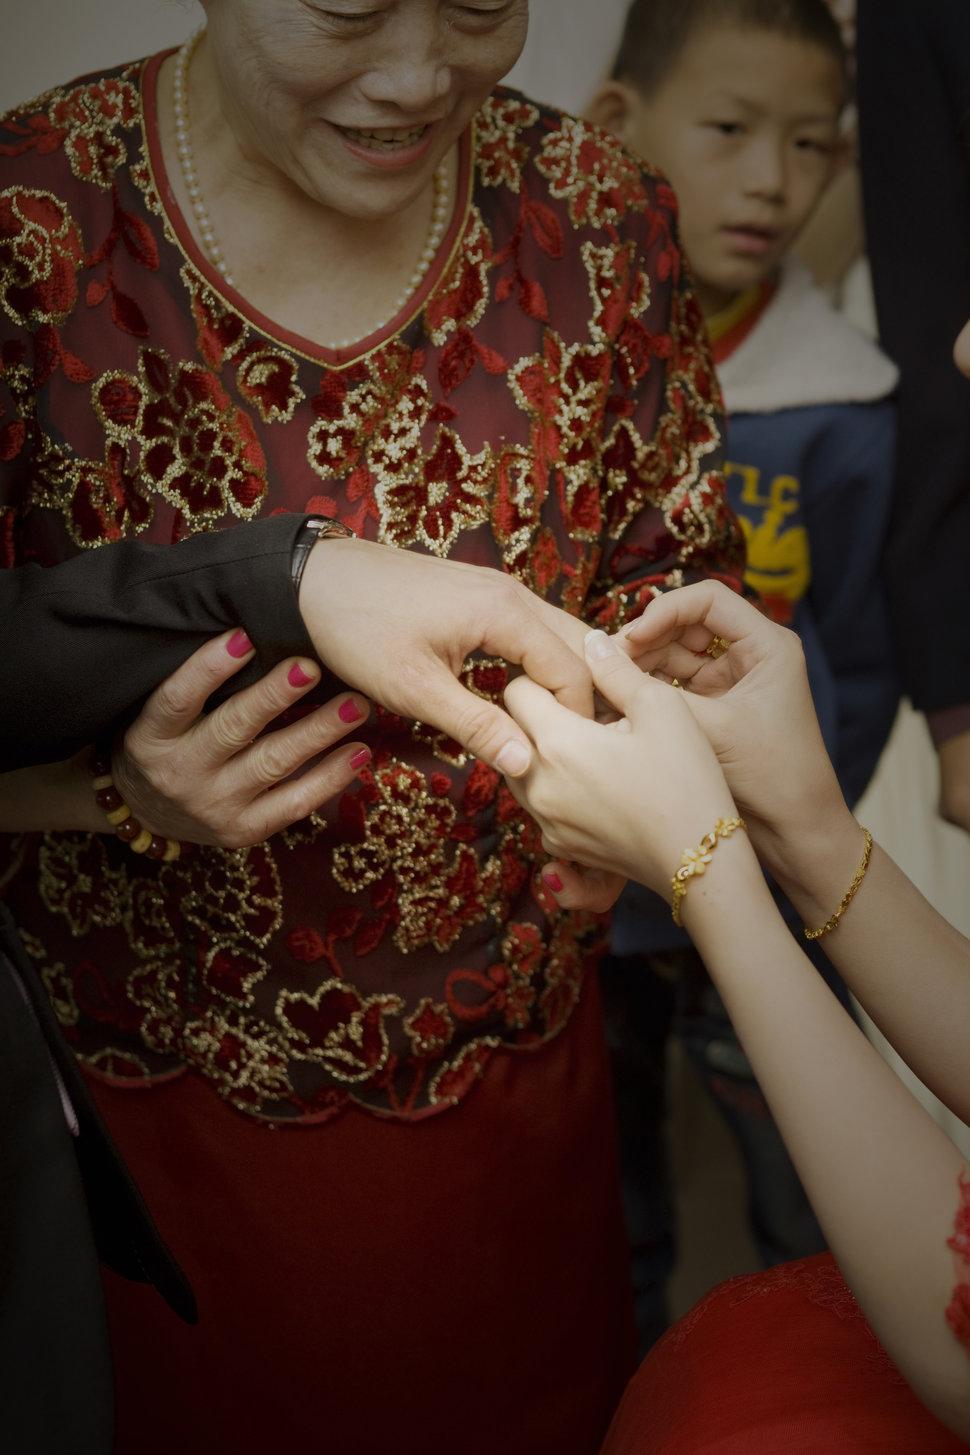 蓓麗宛婚禮時尚(編號:541446) - 蓓麗宛婚禮時尚《結婚吧》